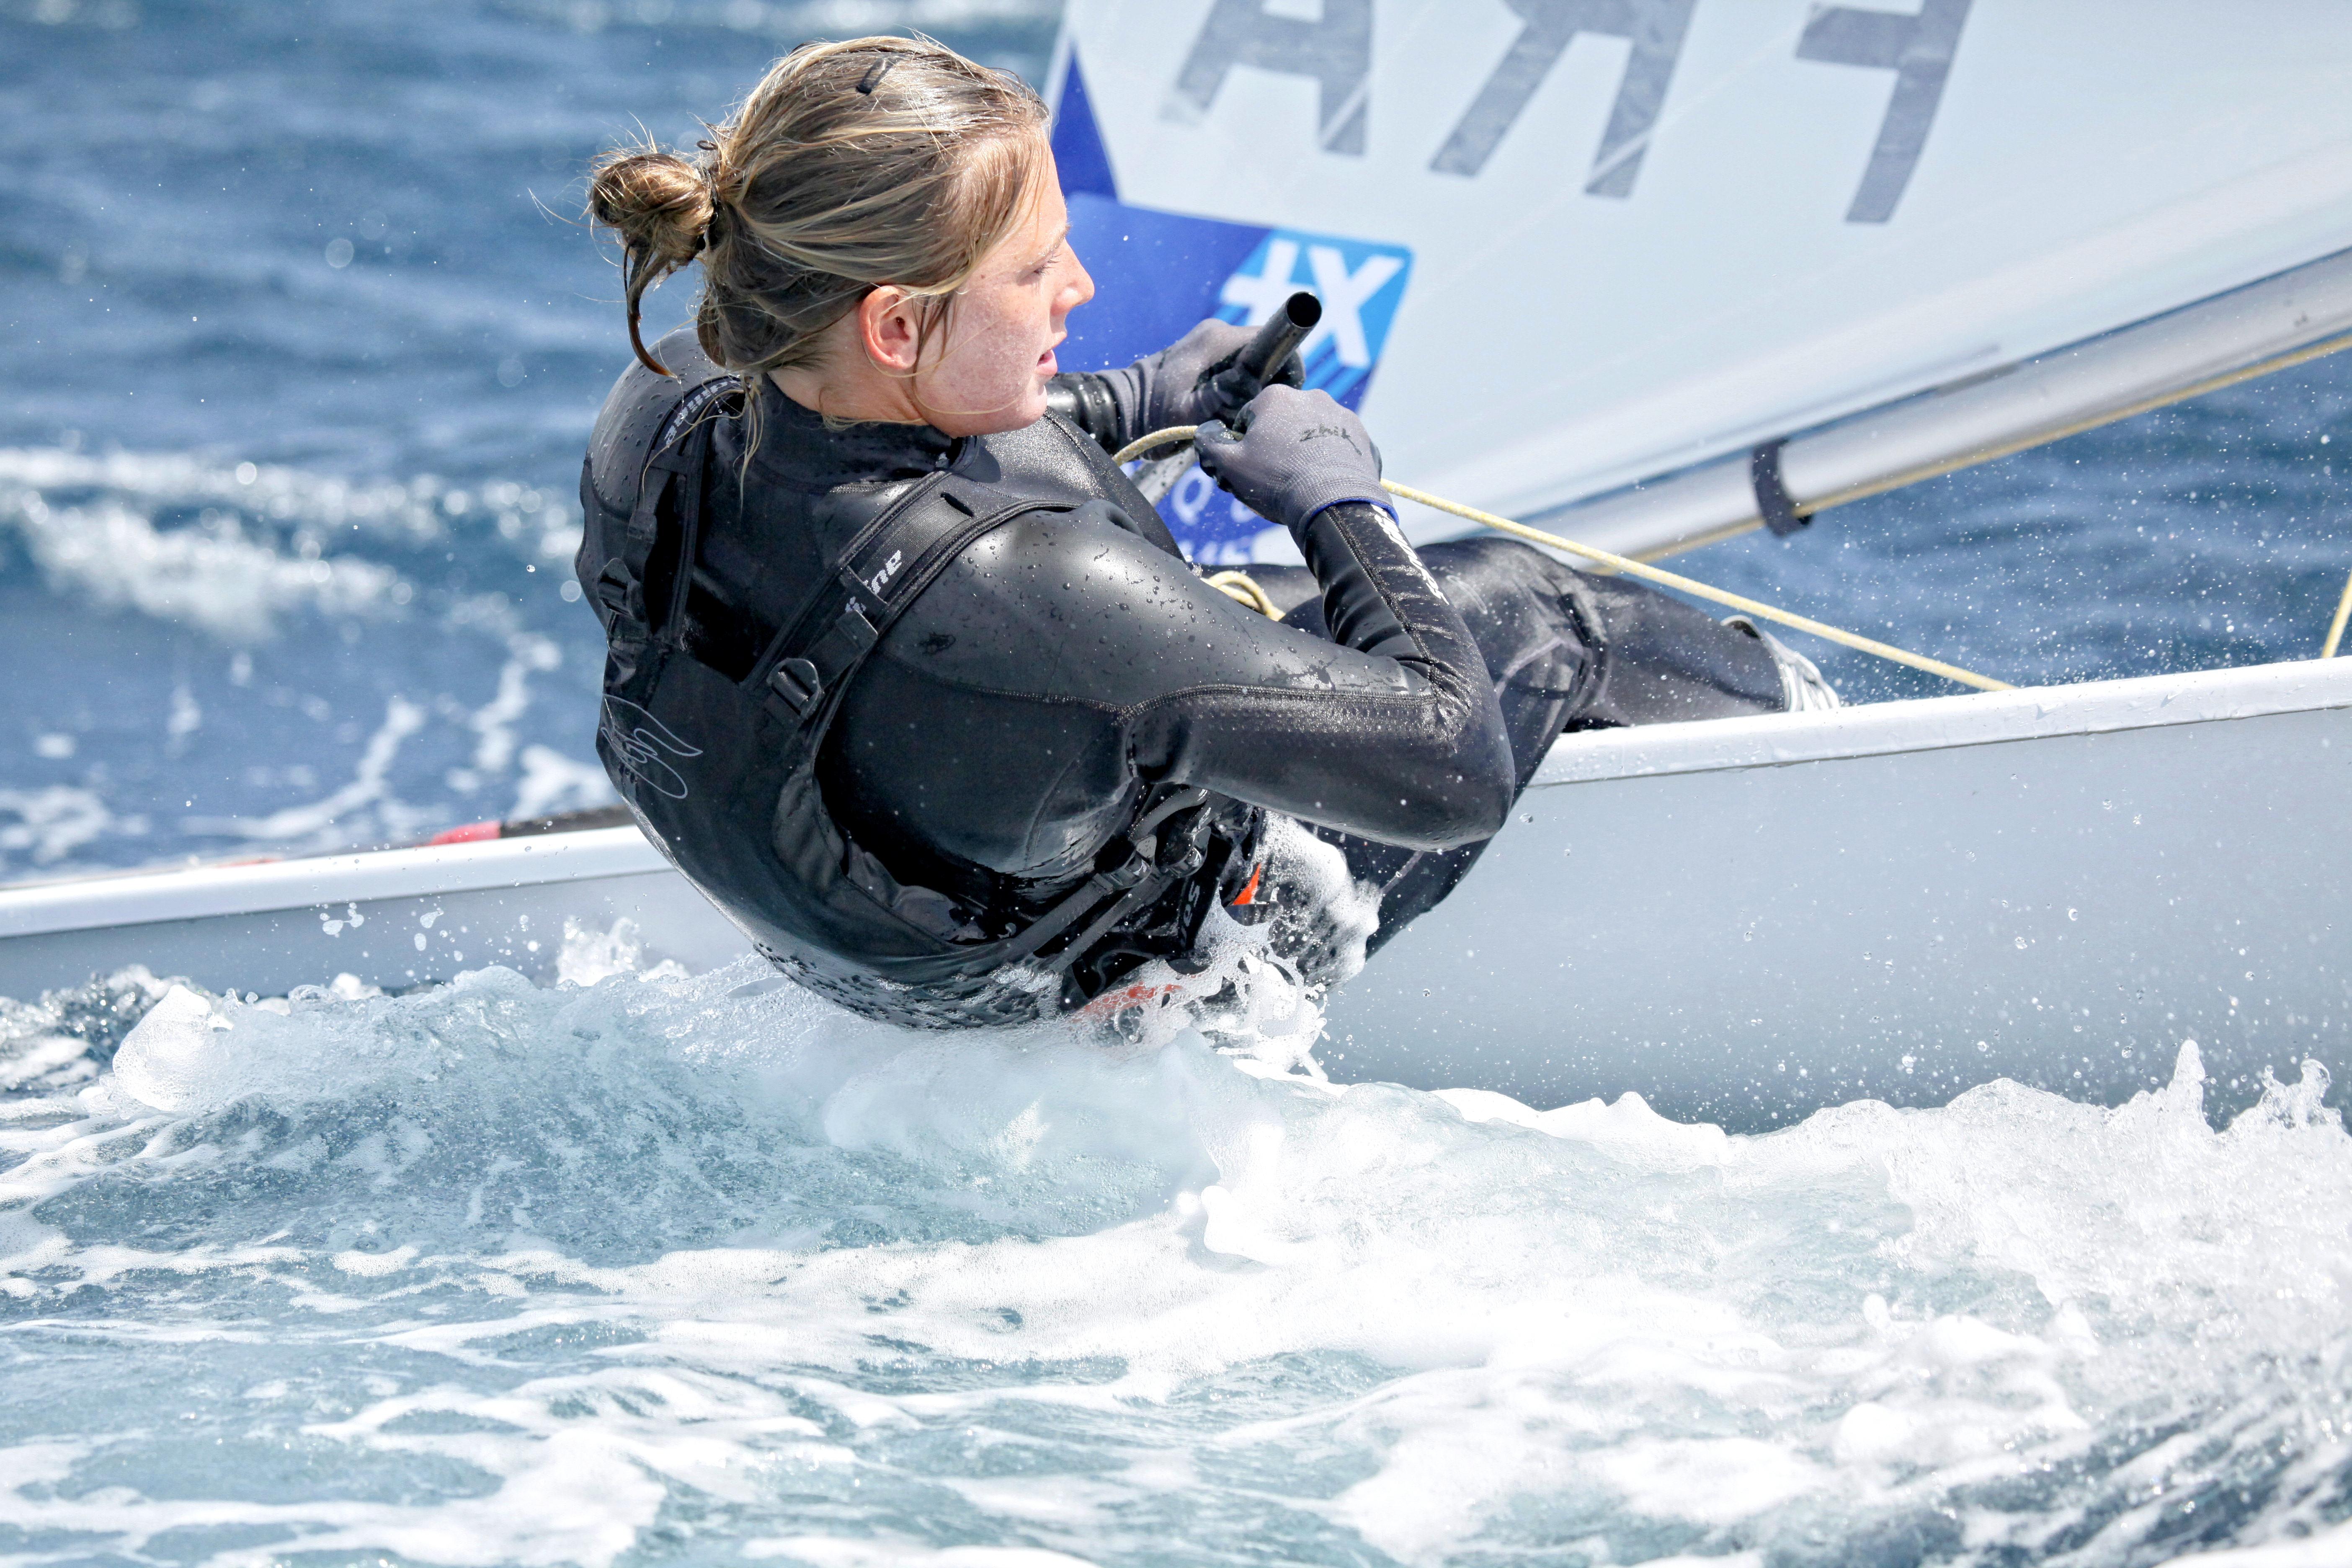 ISAF Sailing World Cup Hyères - Fédération Française de Voile